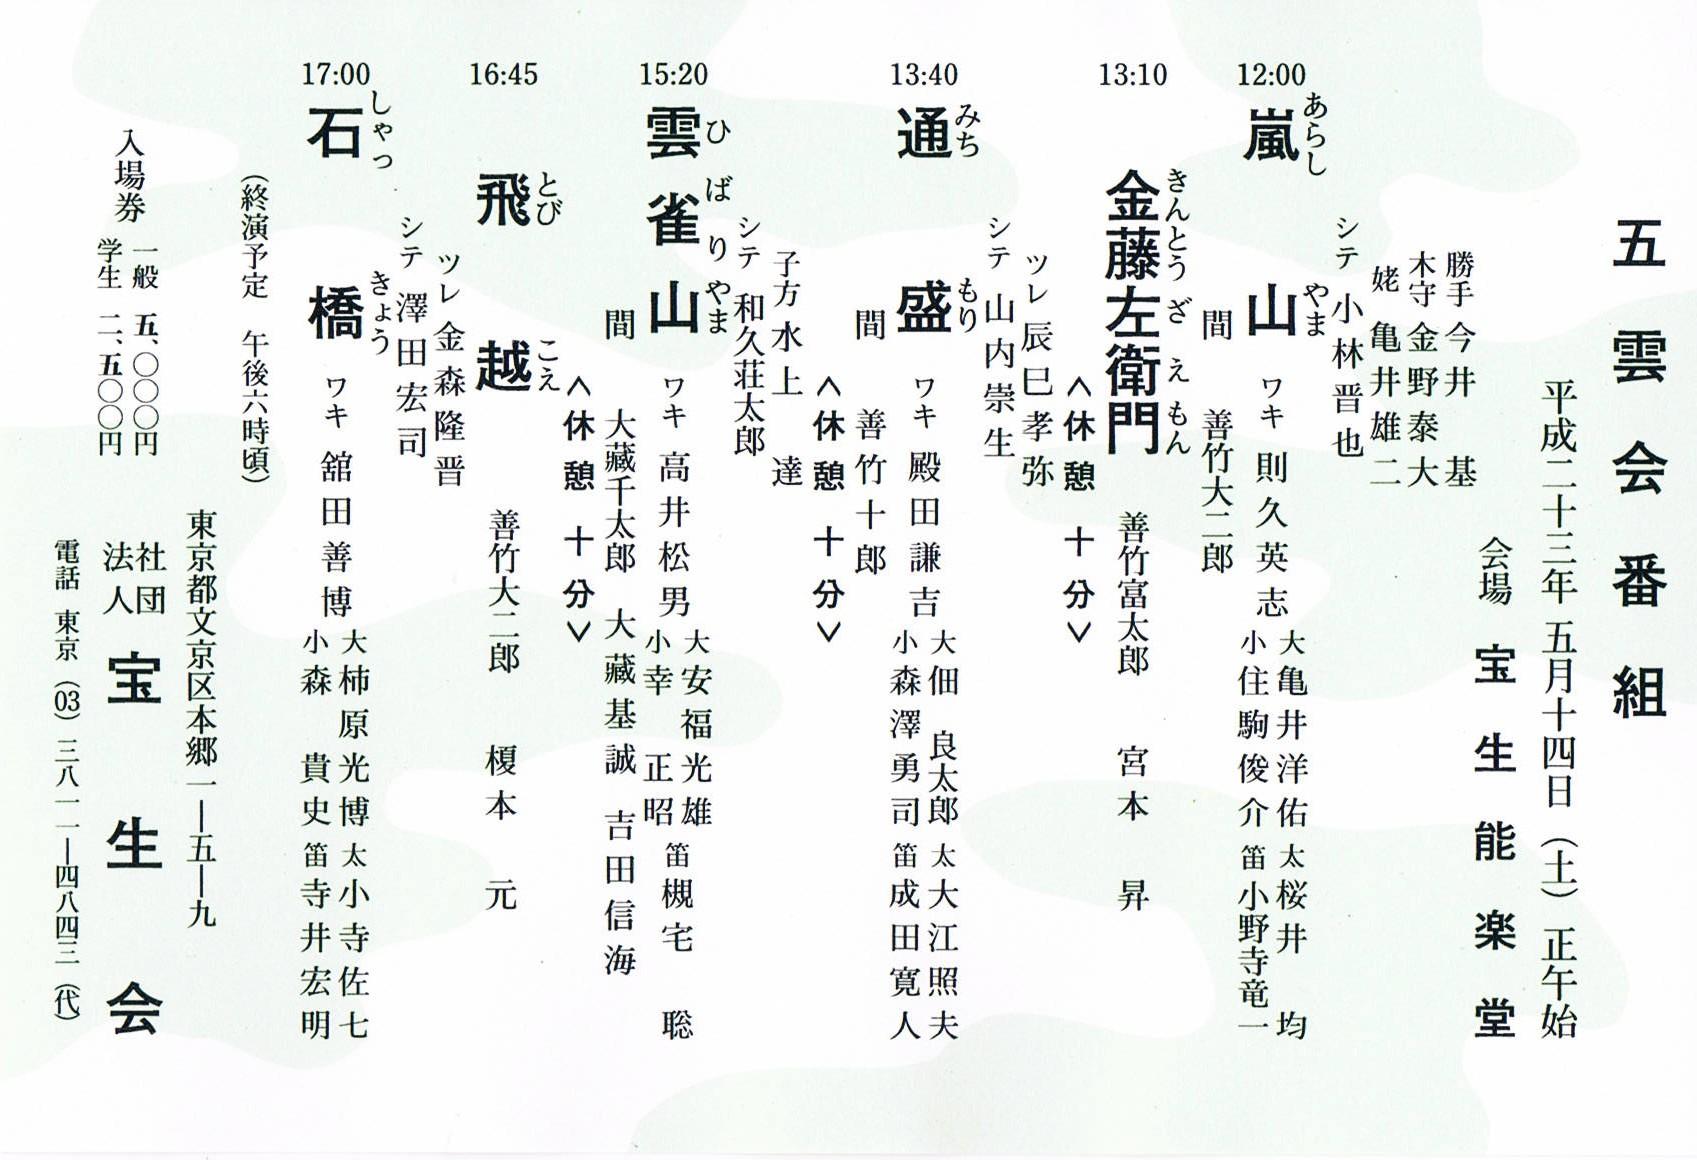 23.5五雲会番組